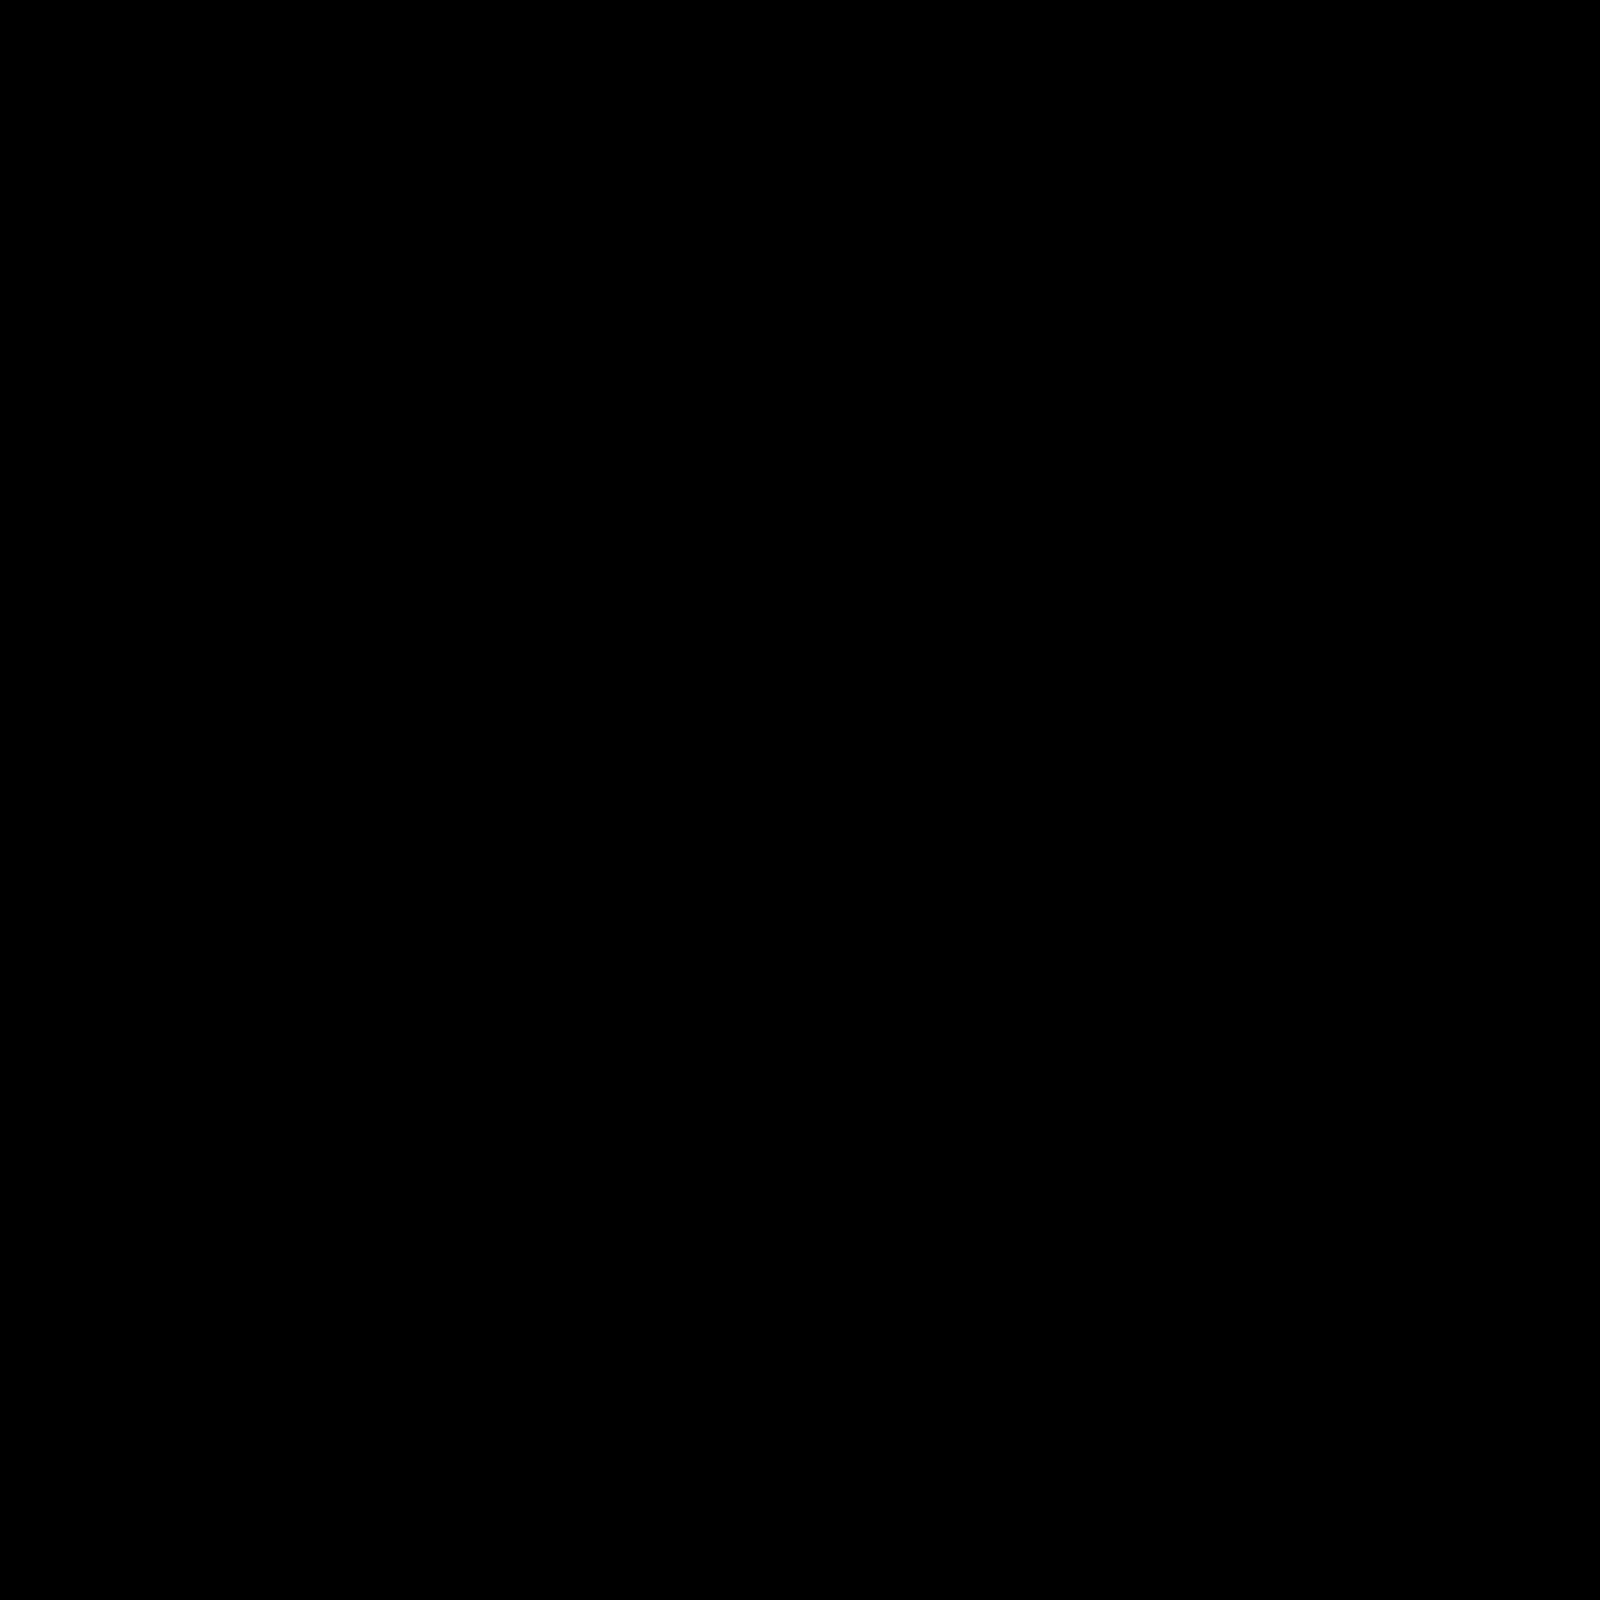 Курсор icon